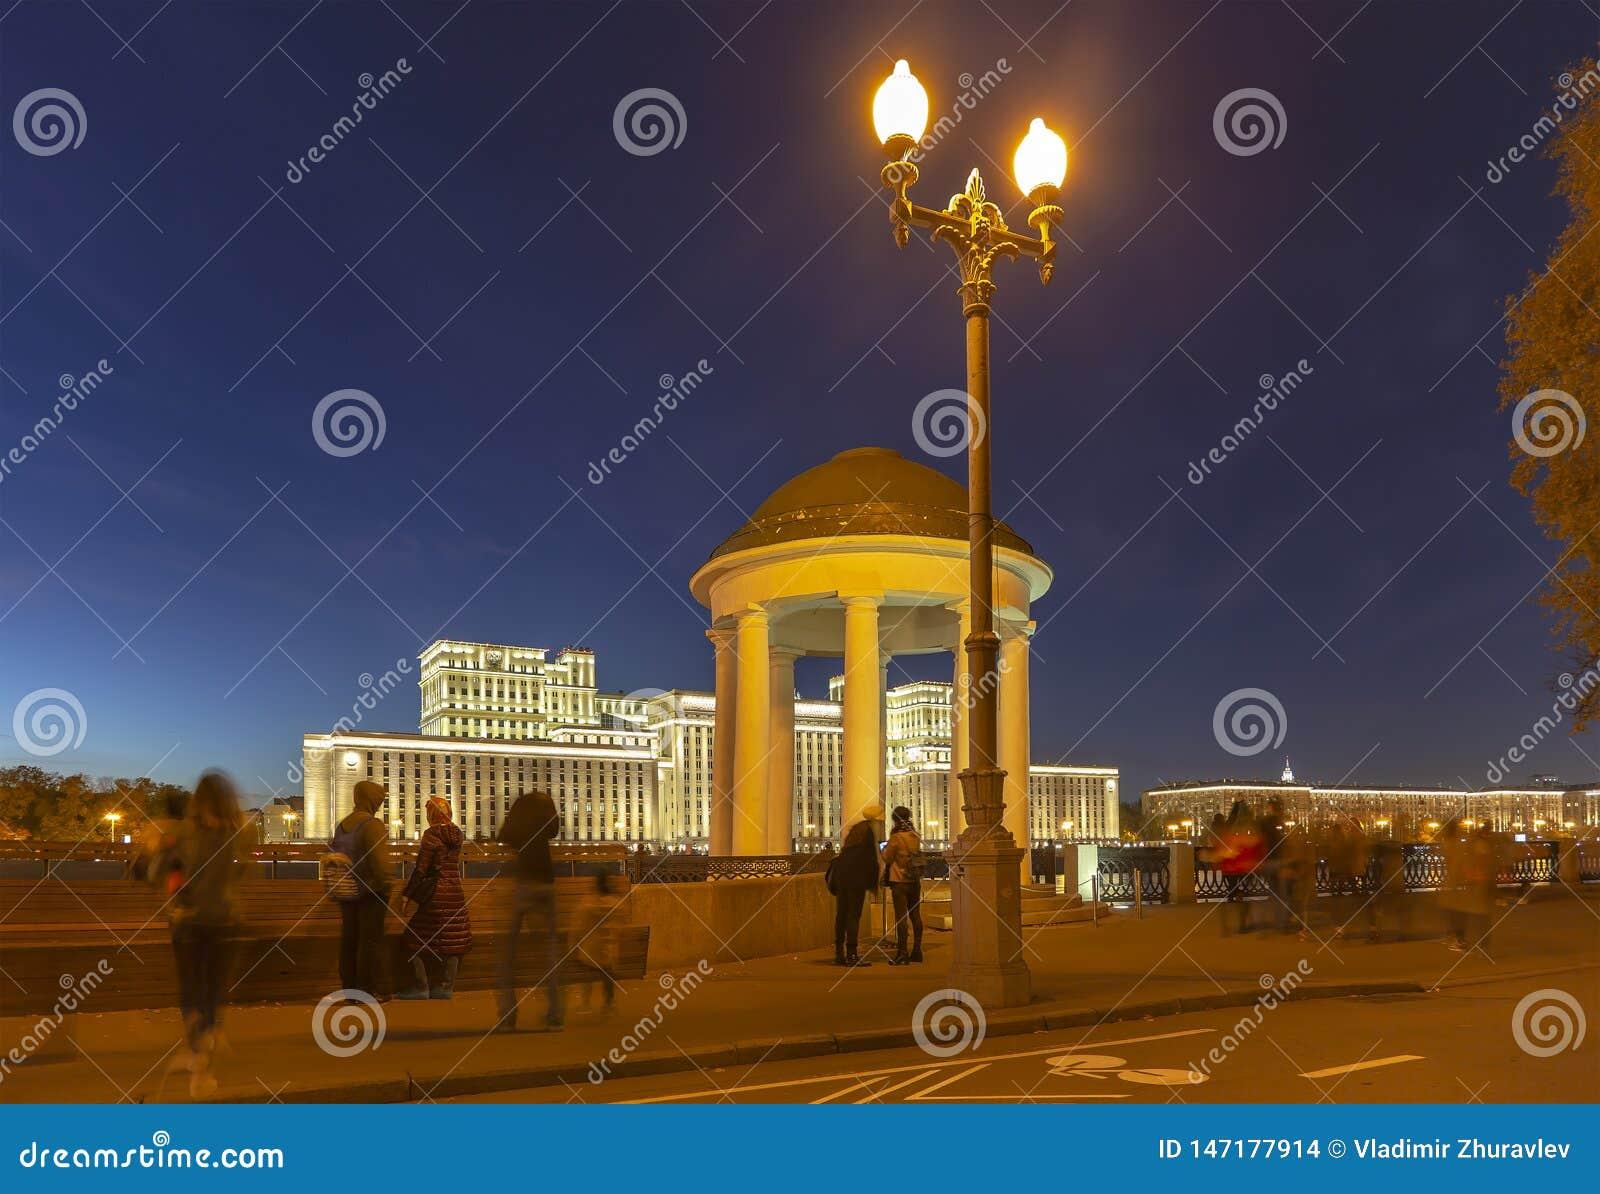 Hoofdgebouw van het Ministerie van Defensie van de Russische Federatie Minoboron en Moskva-Rivier Moskou, Rusland